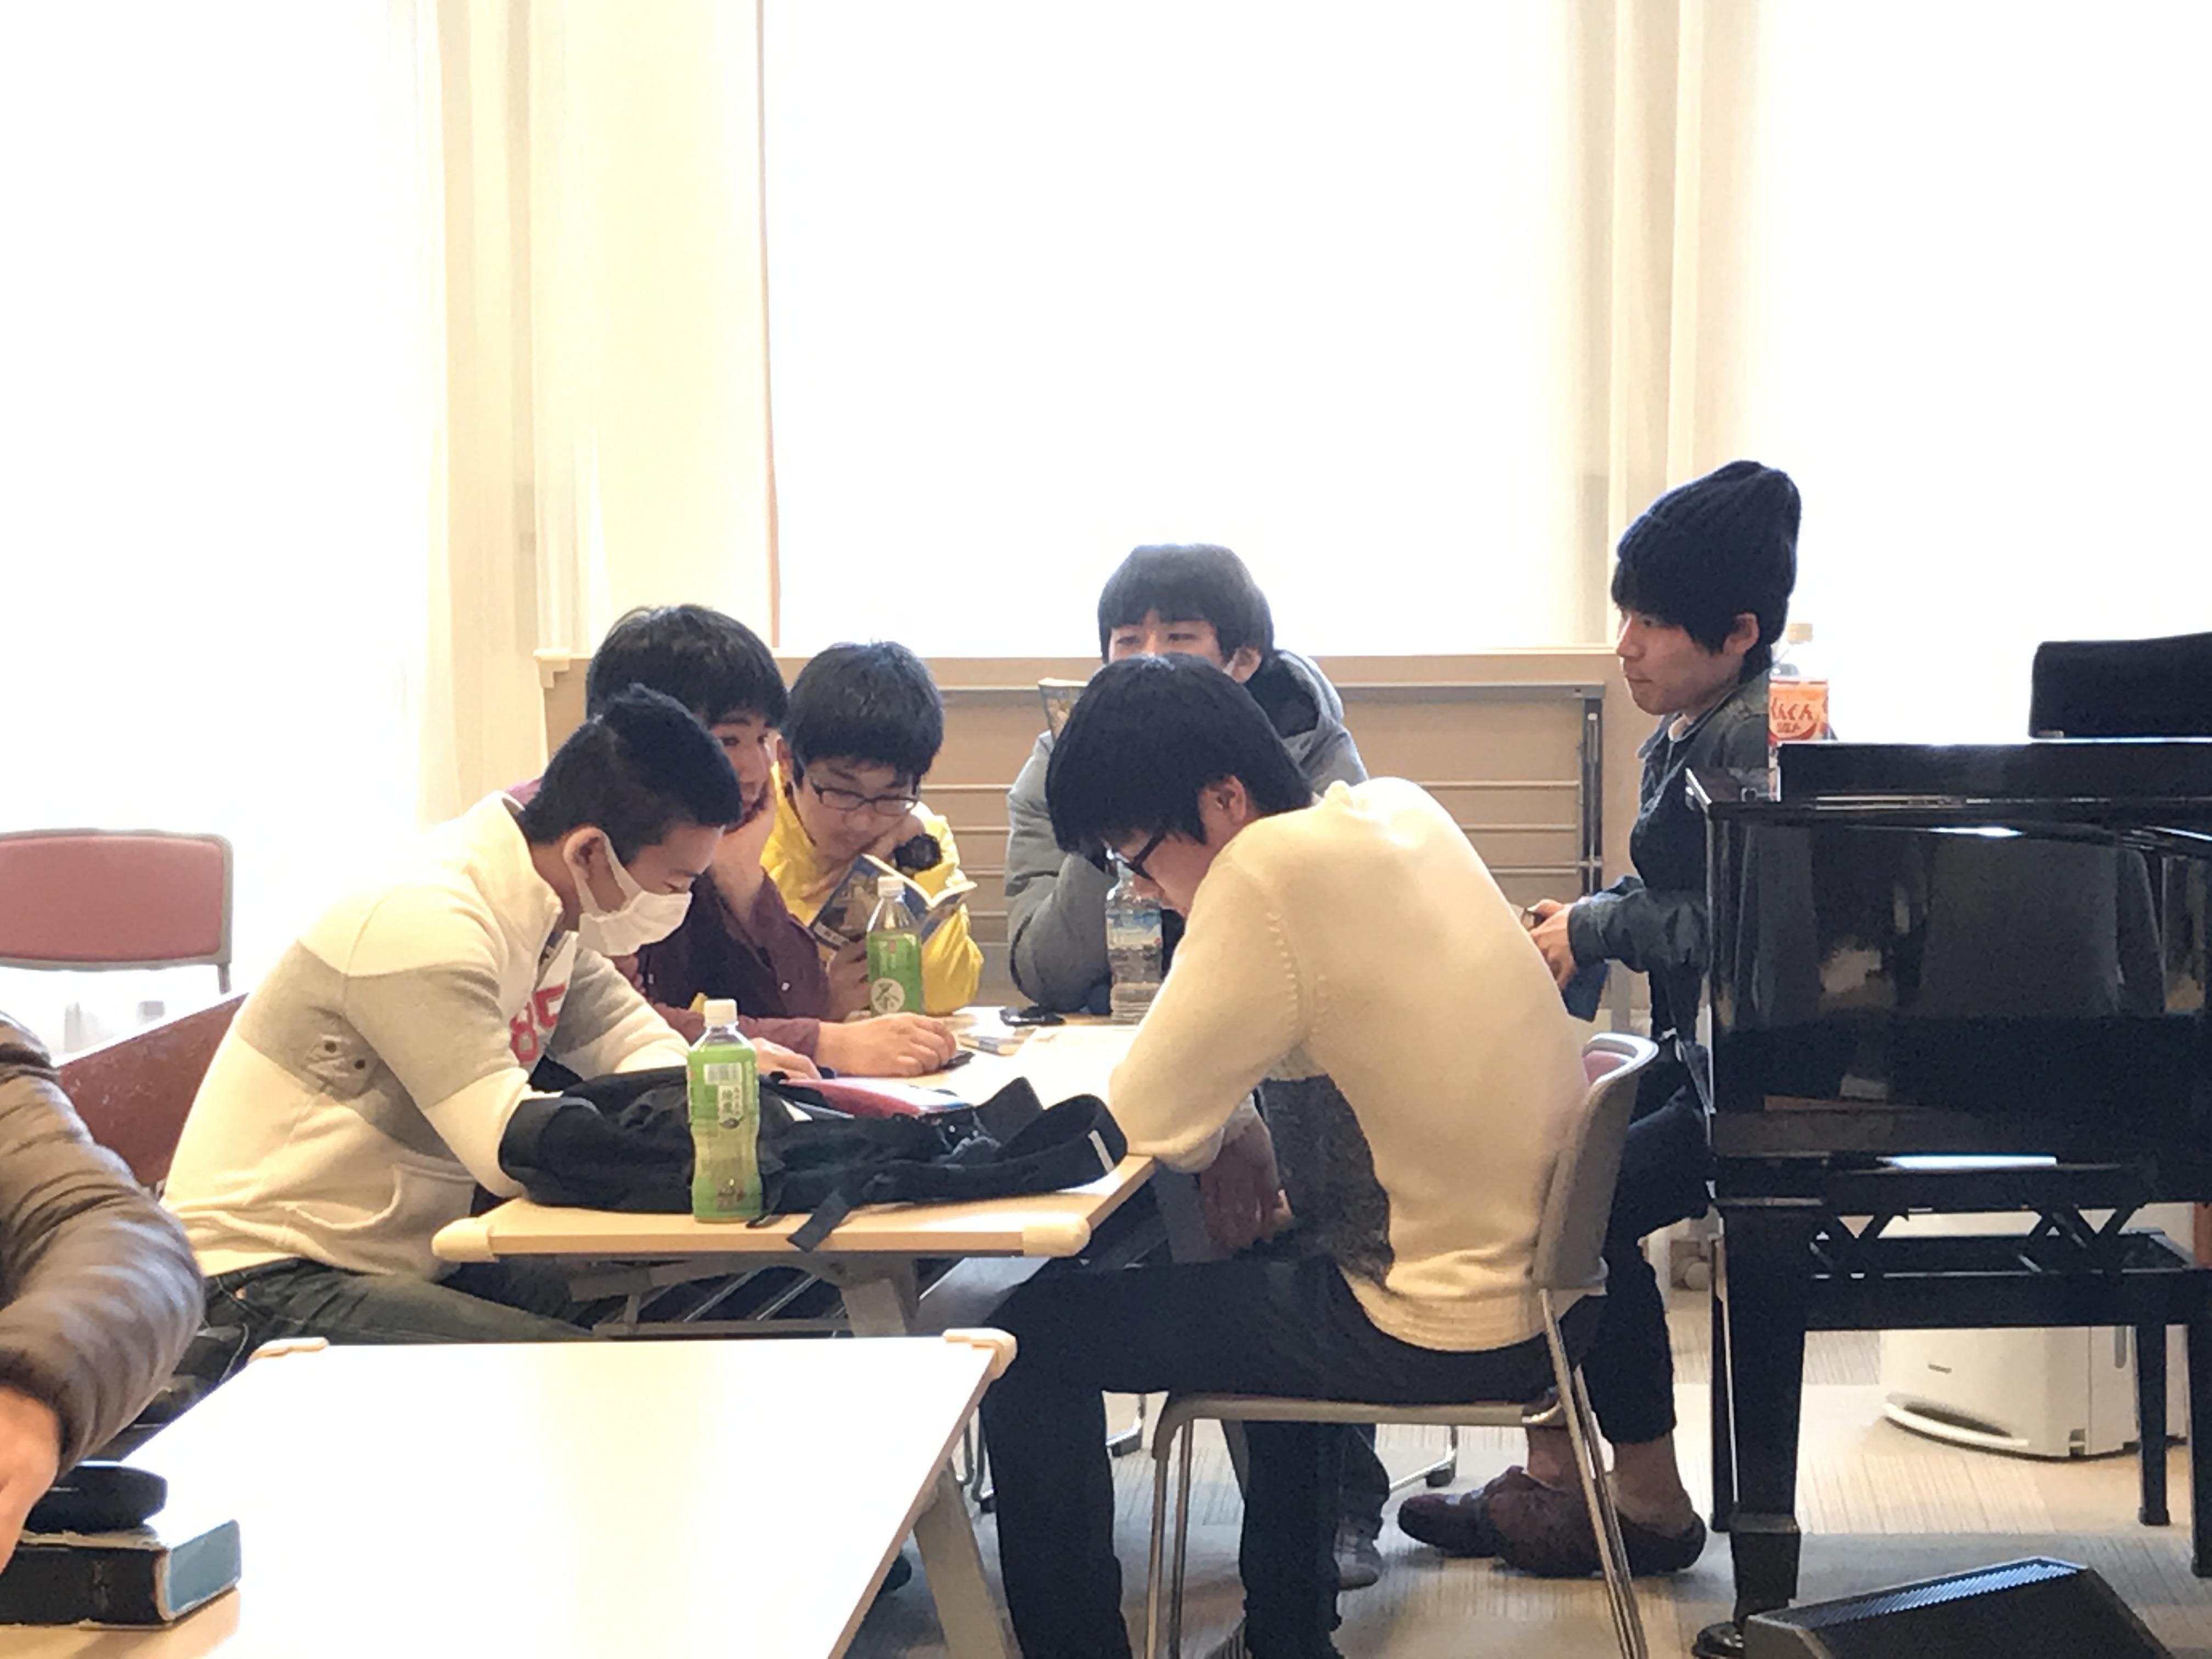 中高生男の子クラス